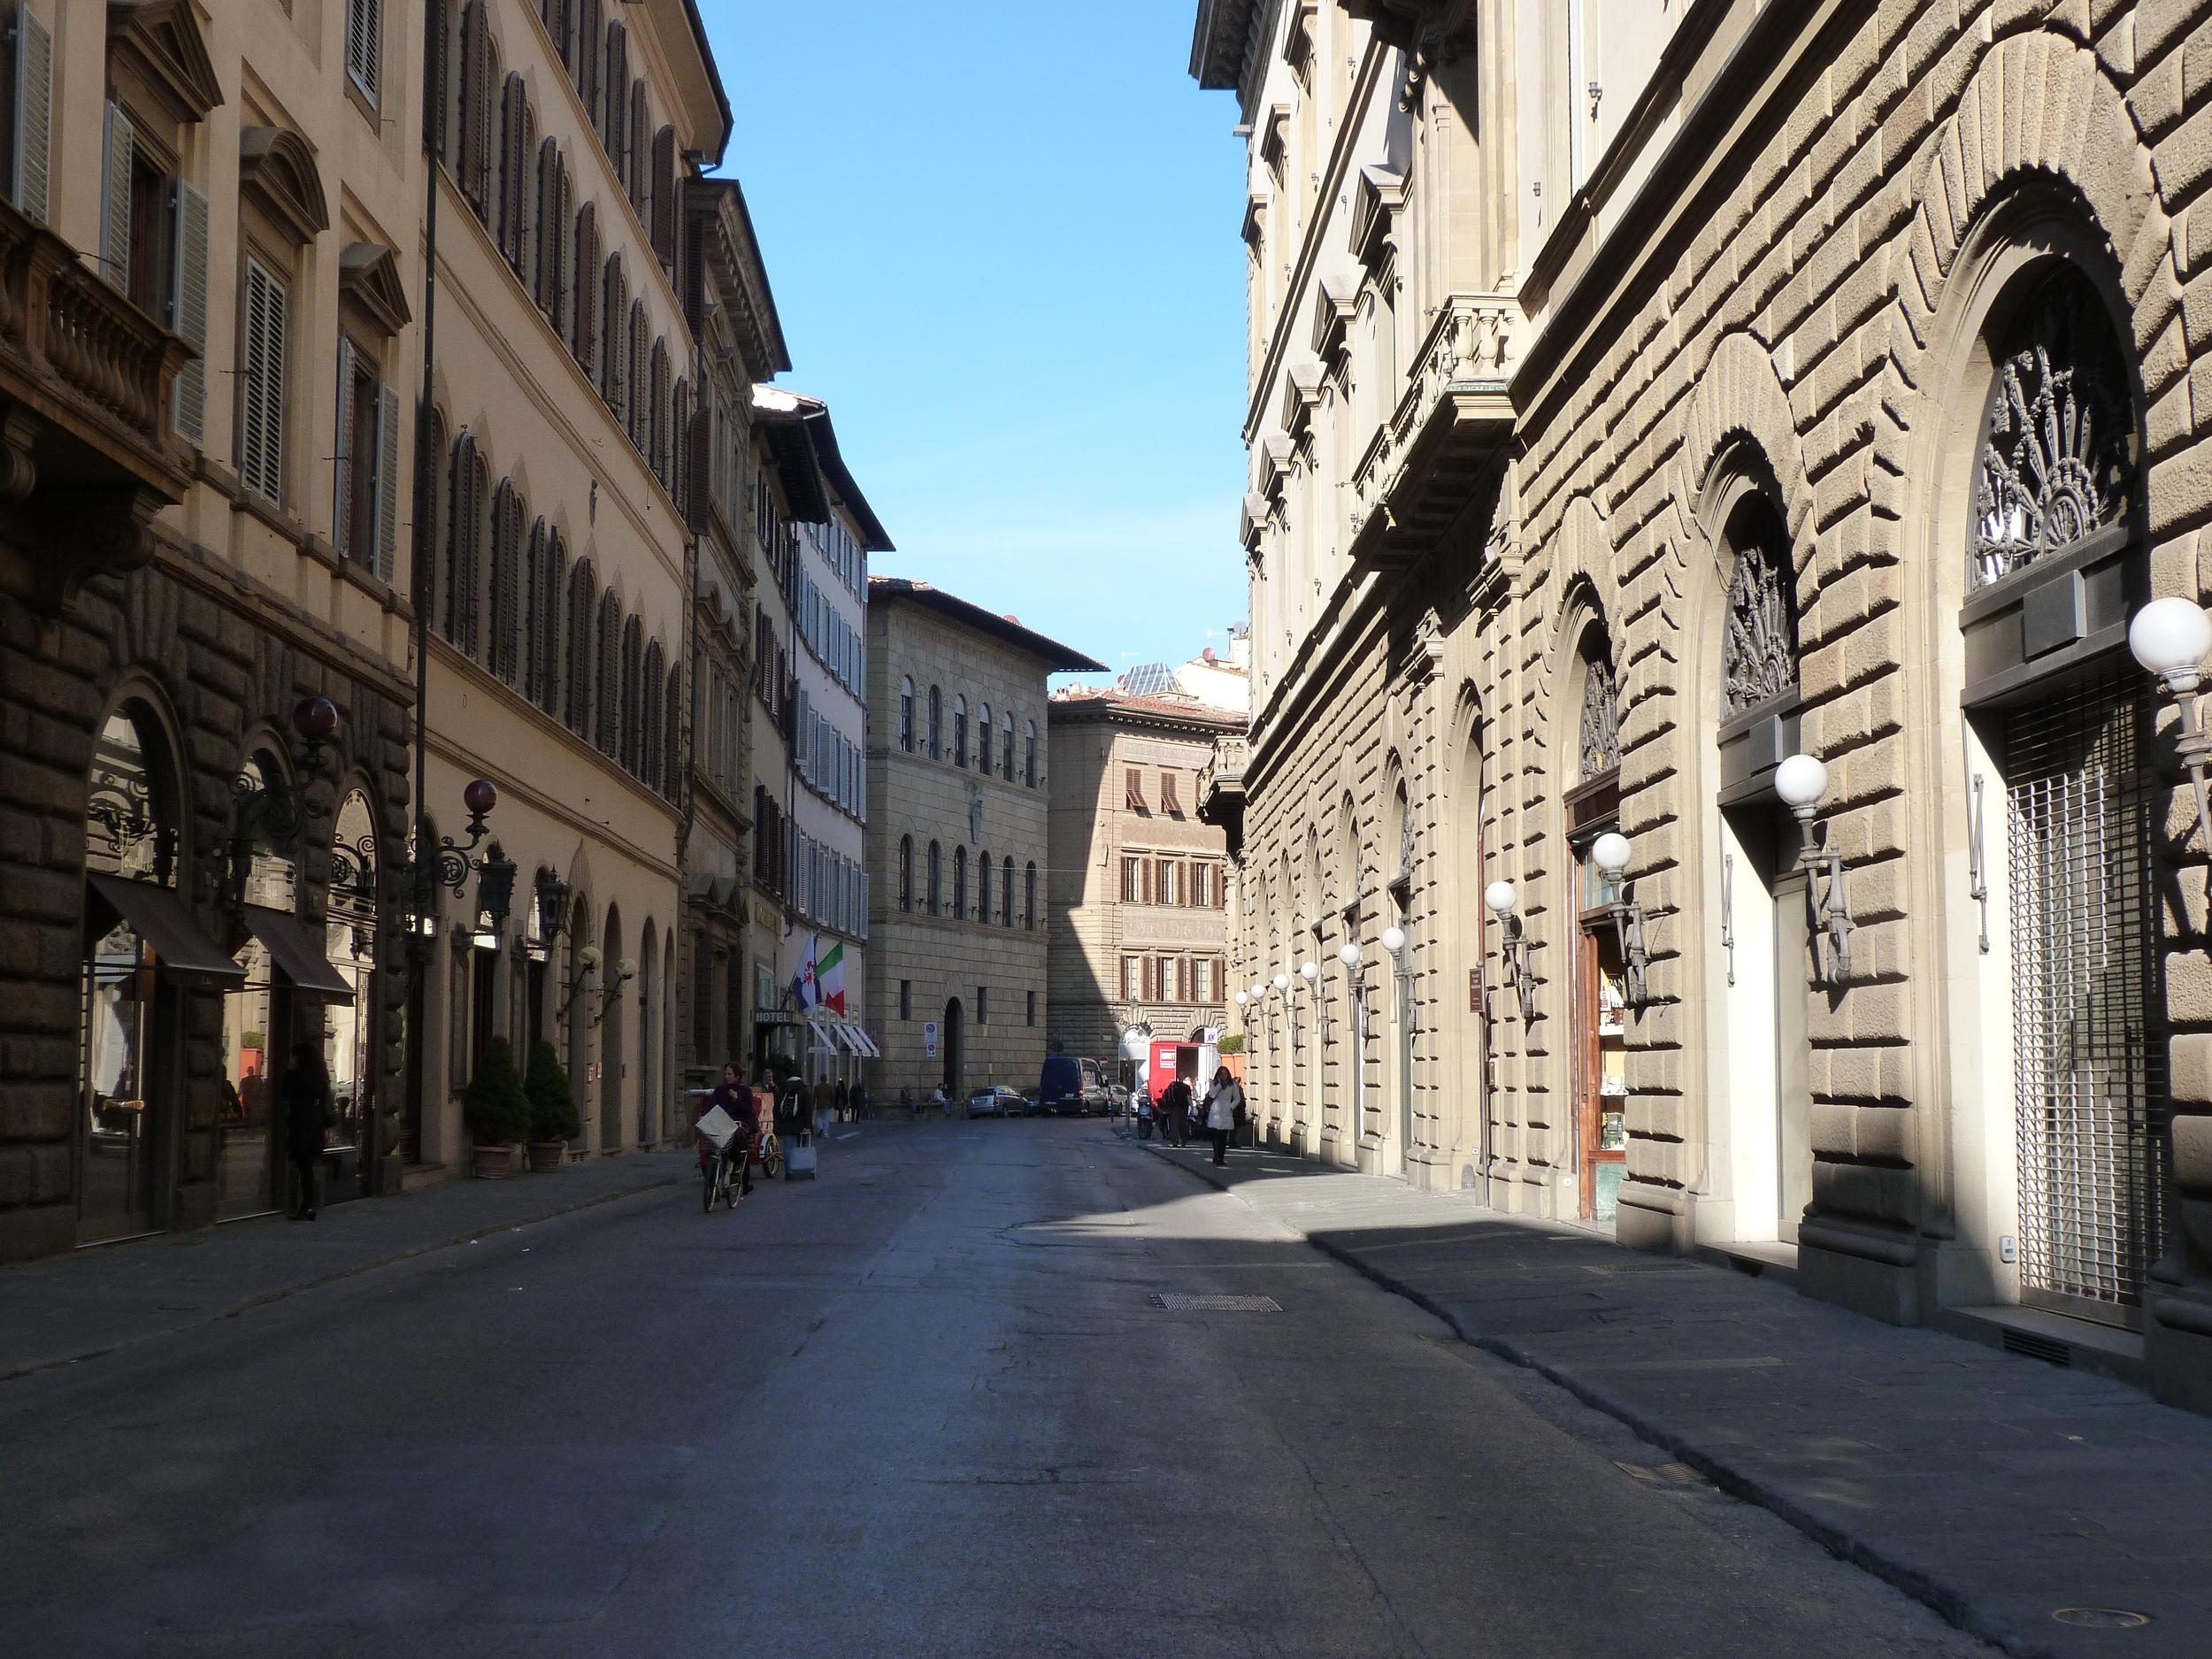 PiazzaAntinori_DSC_9506.jpg